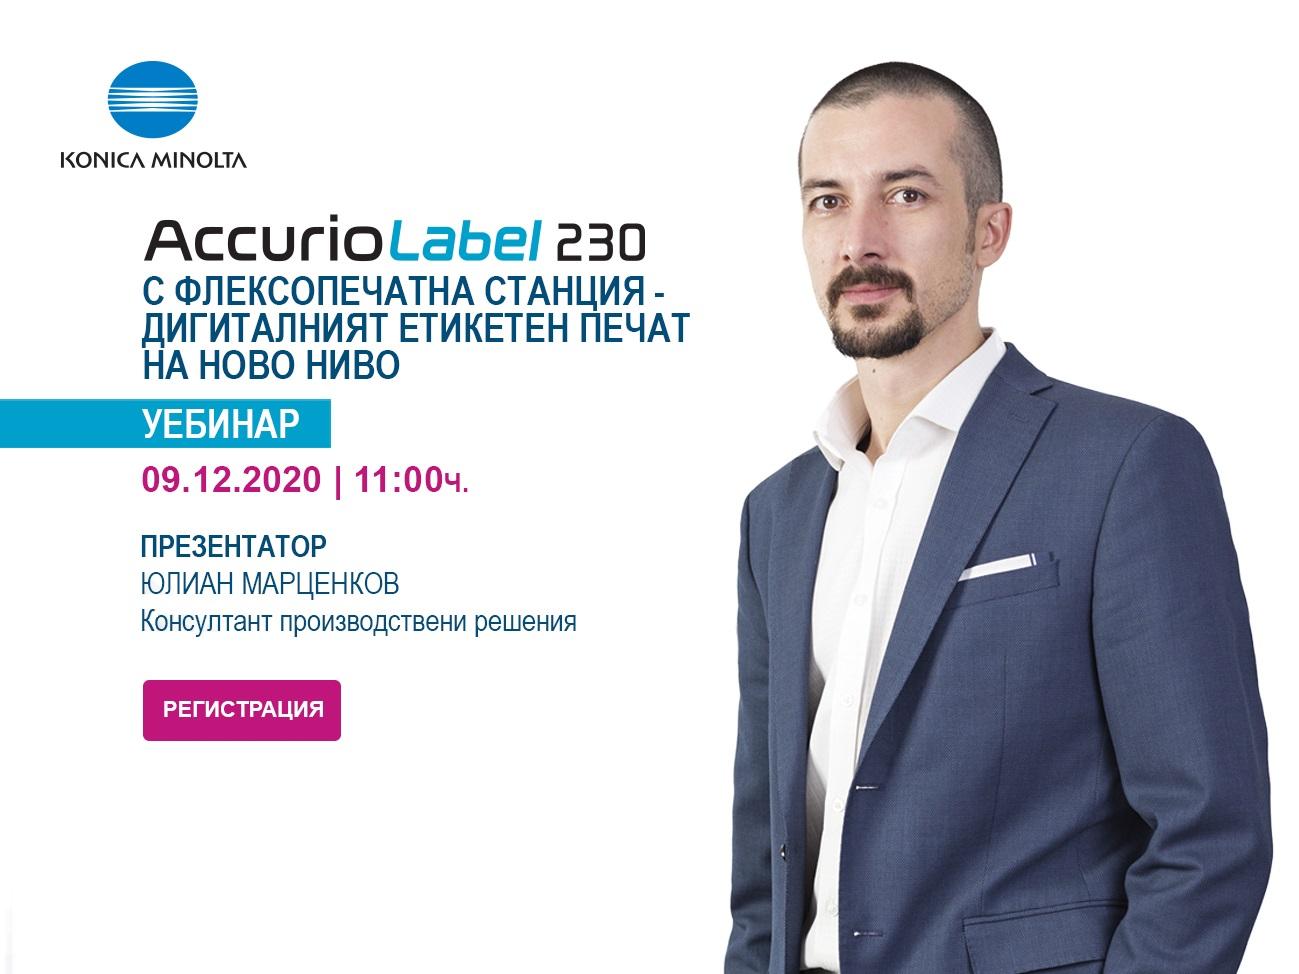 Представяне на AccurioLabel 230 с флексопечатна станция